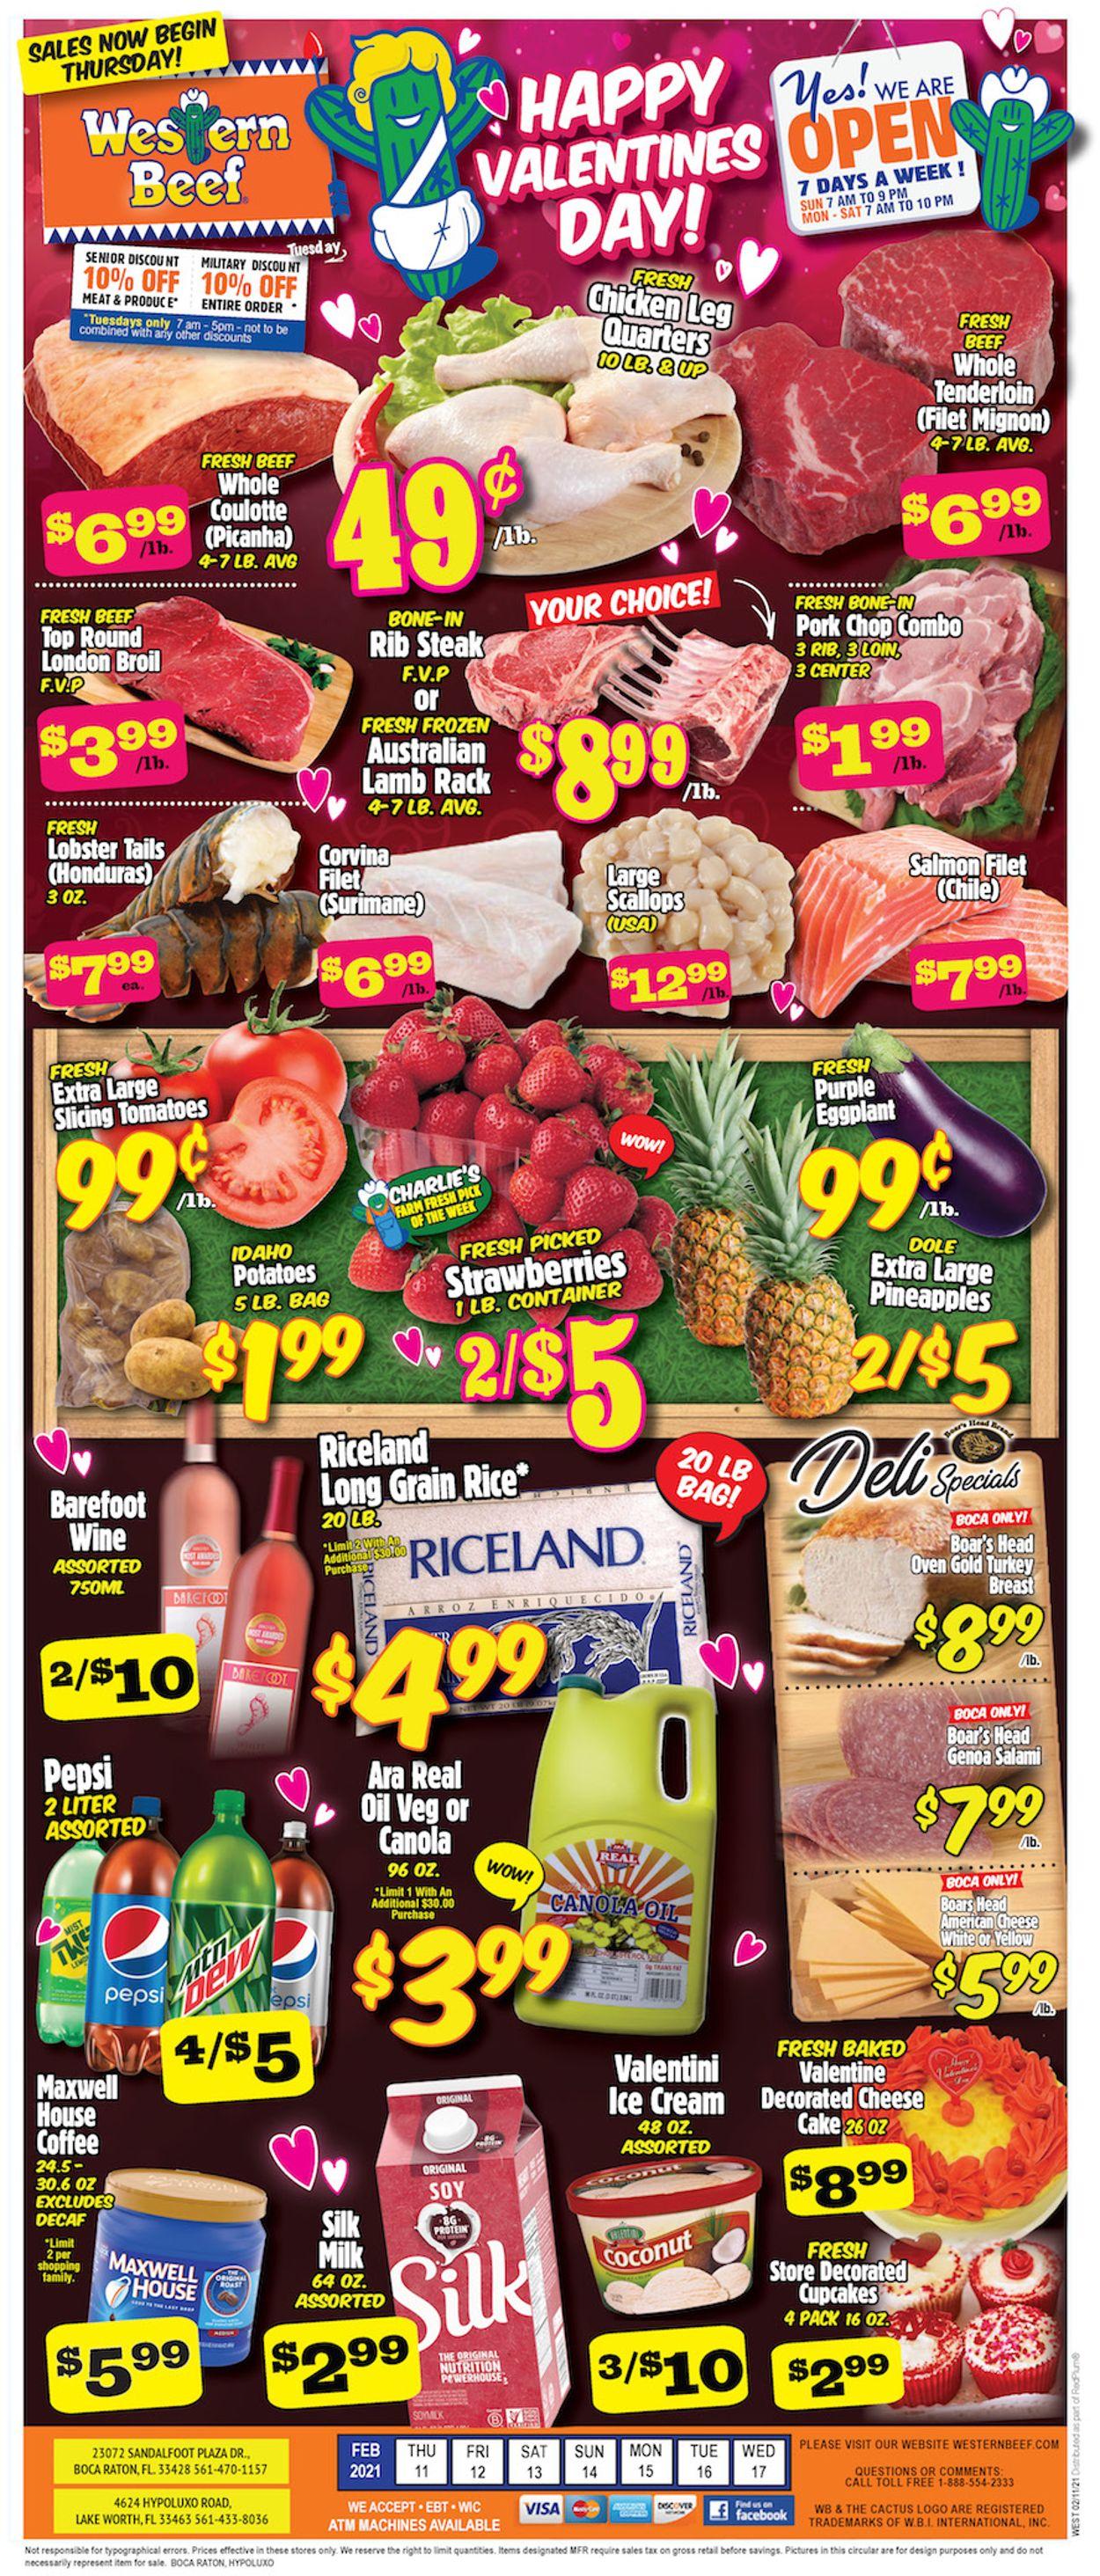 Western Beef Weekly Ad Circular - valid 02/11-02/17/2021